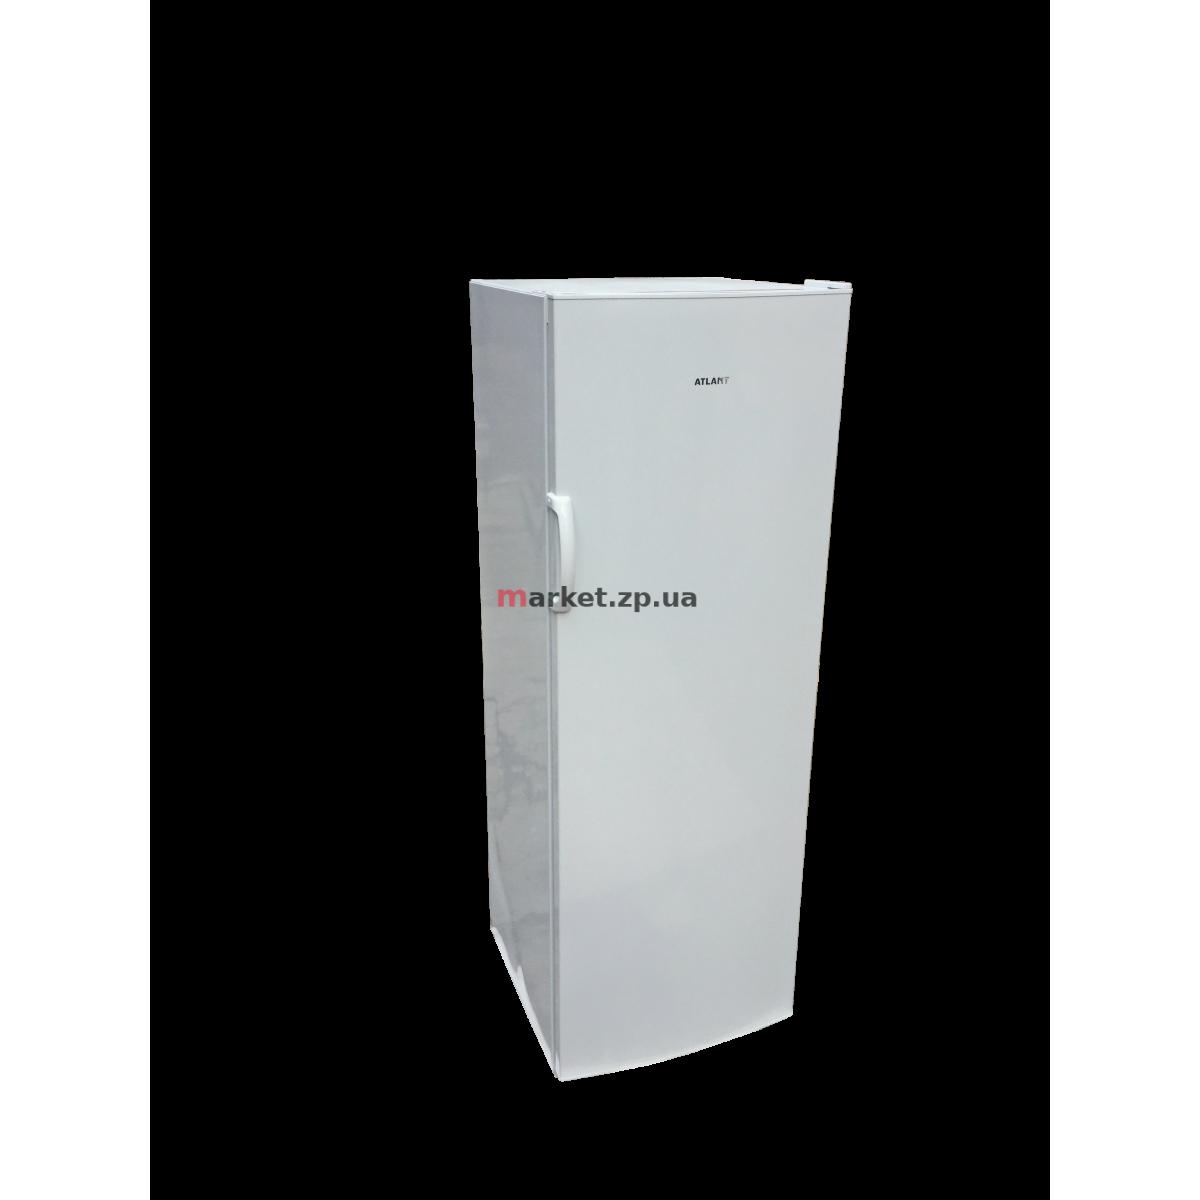 Морозильная камера ATLANT М 7204.501